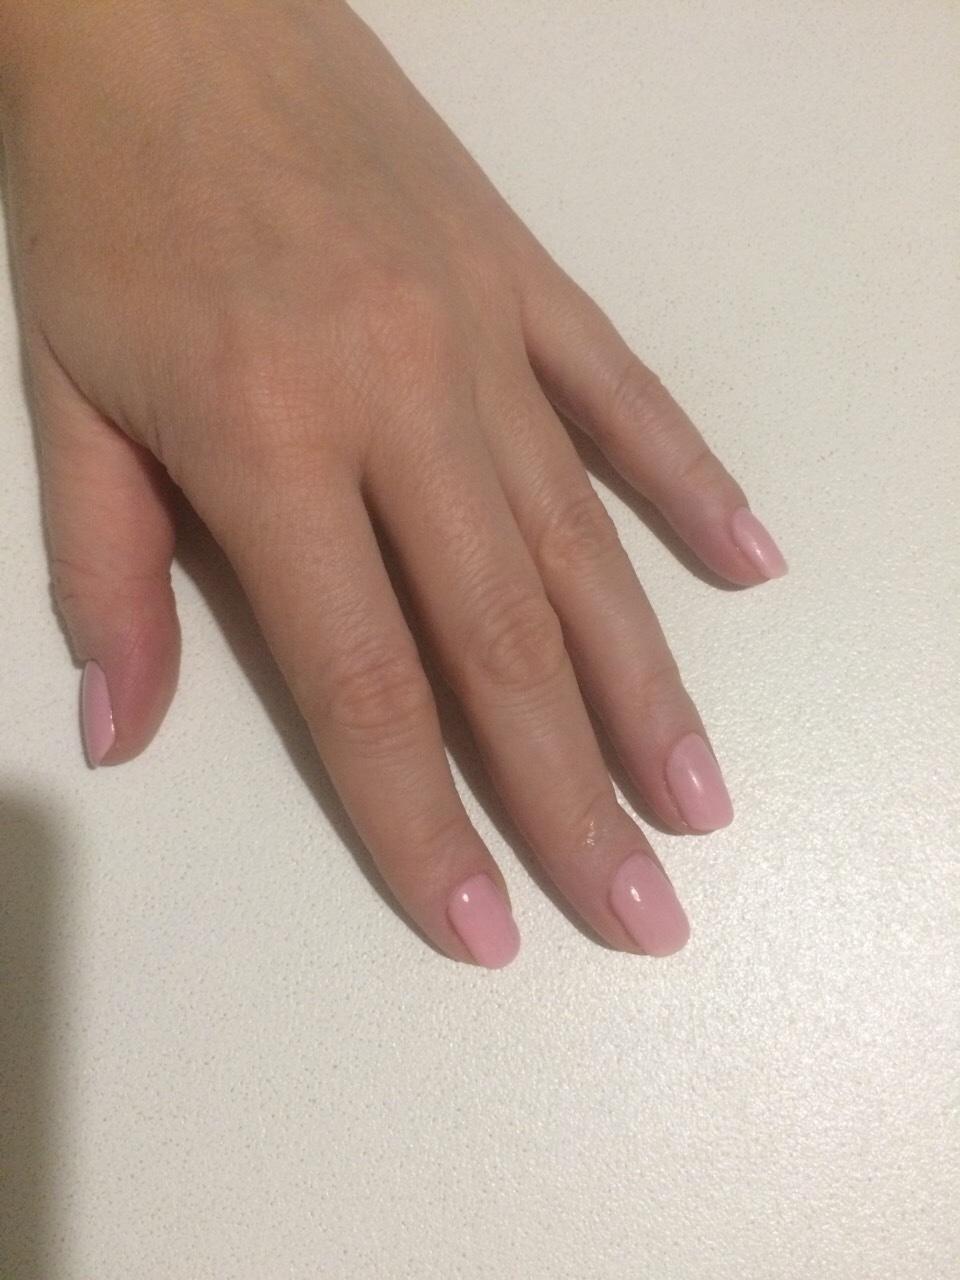 Разного цвета руки